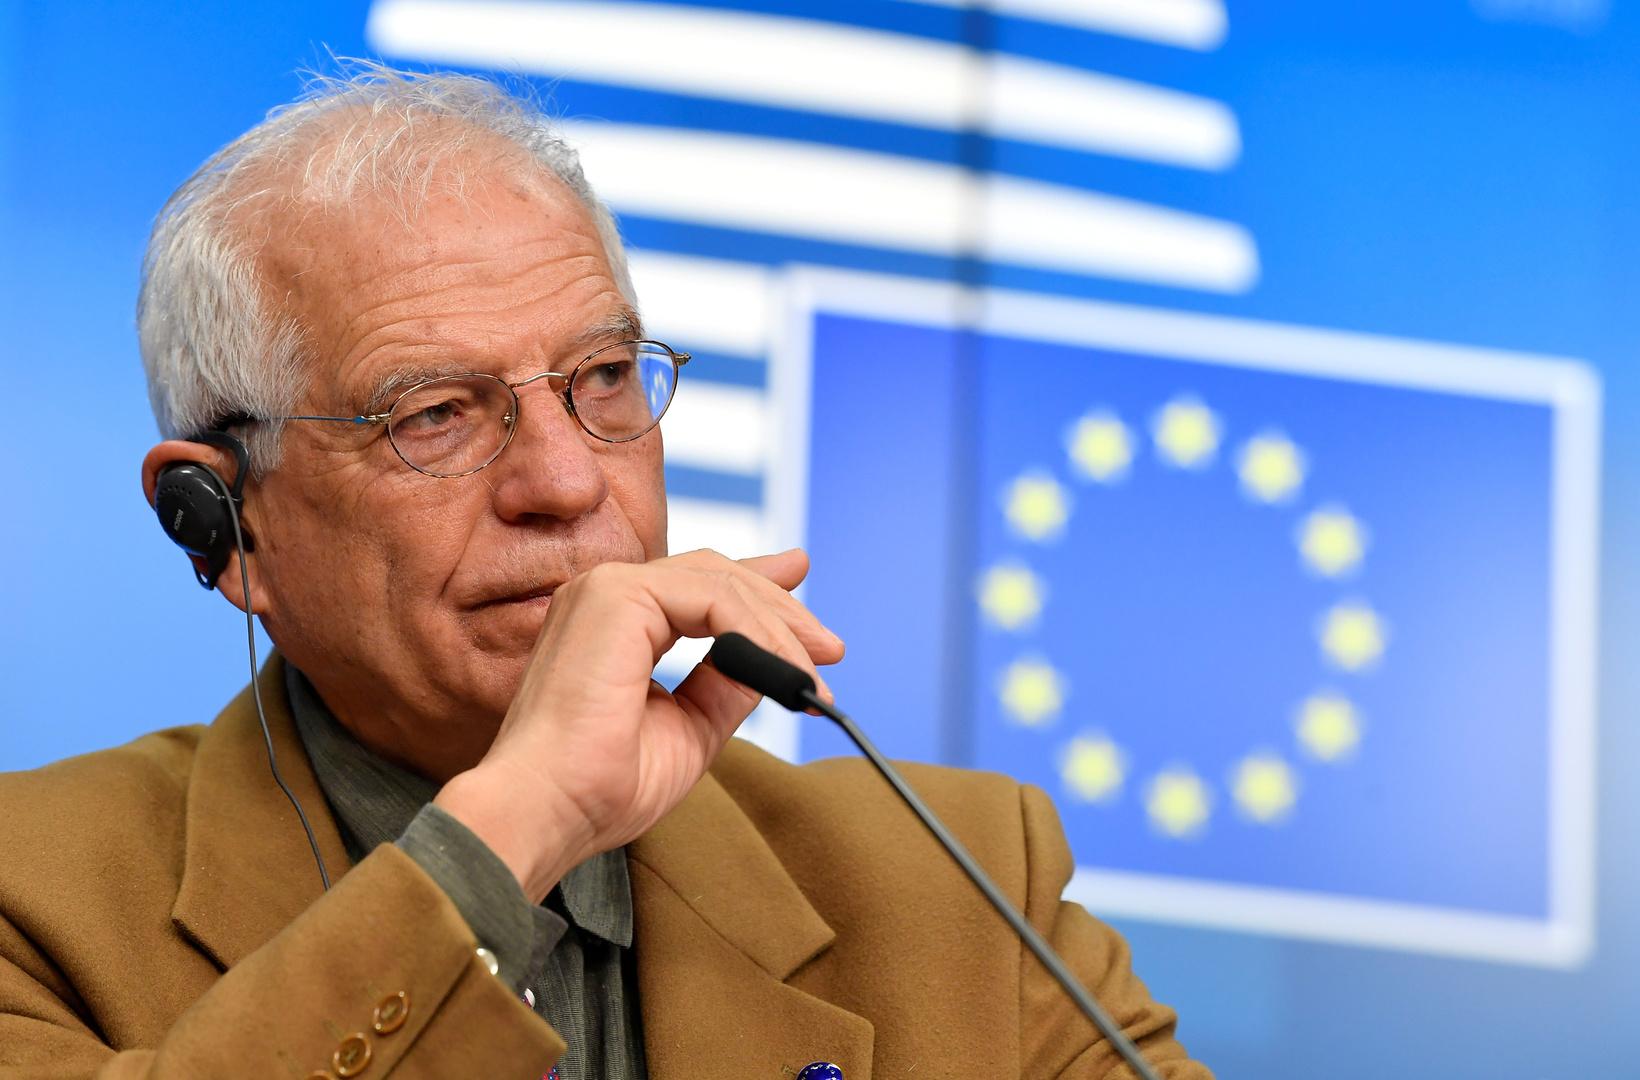 الاتحاد الأوروبي: مستعدون لمواصلة العمل من أجل الحوار مع تركيا